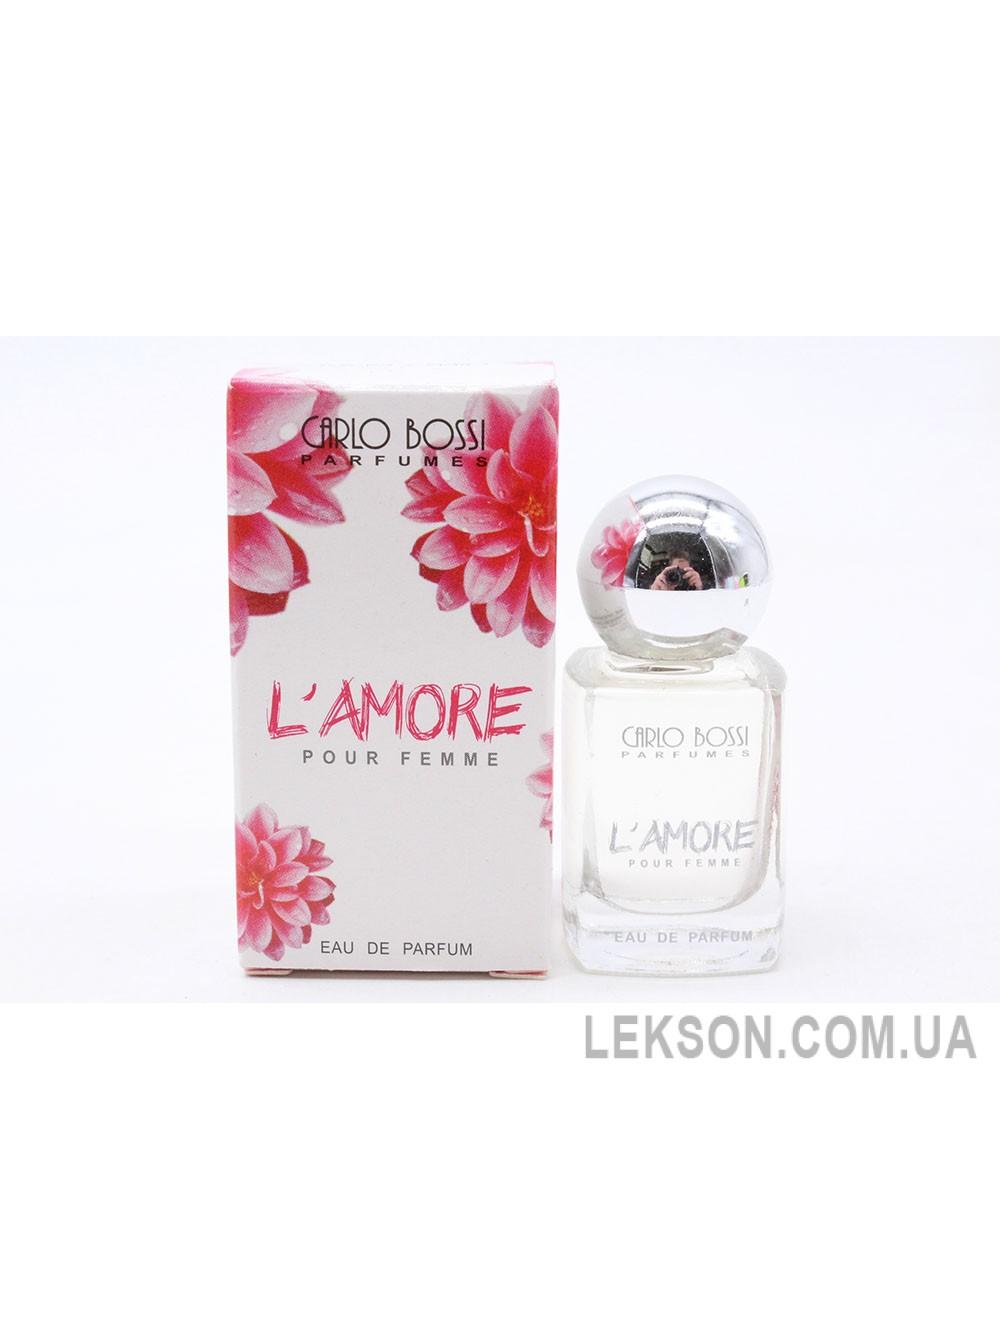 Женский парфюм тестер: CB-116089 10мл